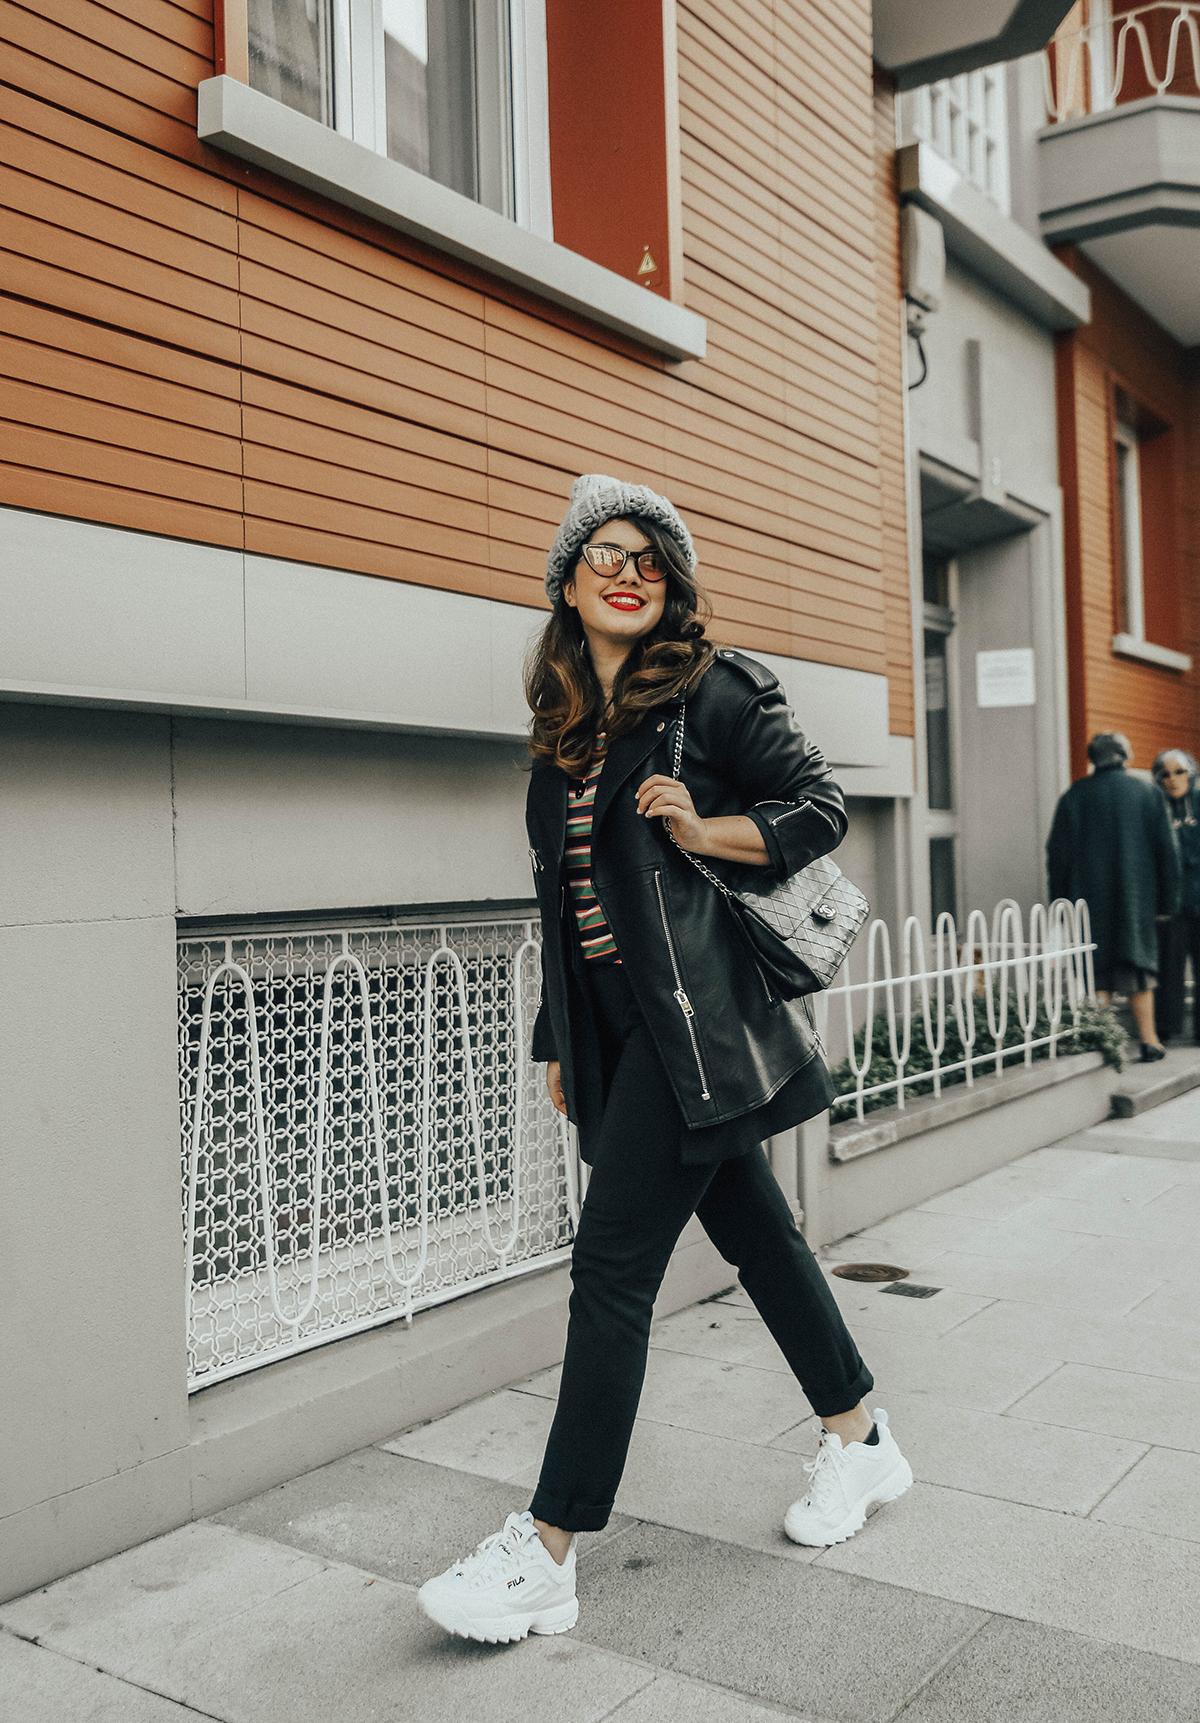 gigi-x-vogue-eyewear-cat-eye-sunglasses-streetstyle-myblueberrynightsblog12